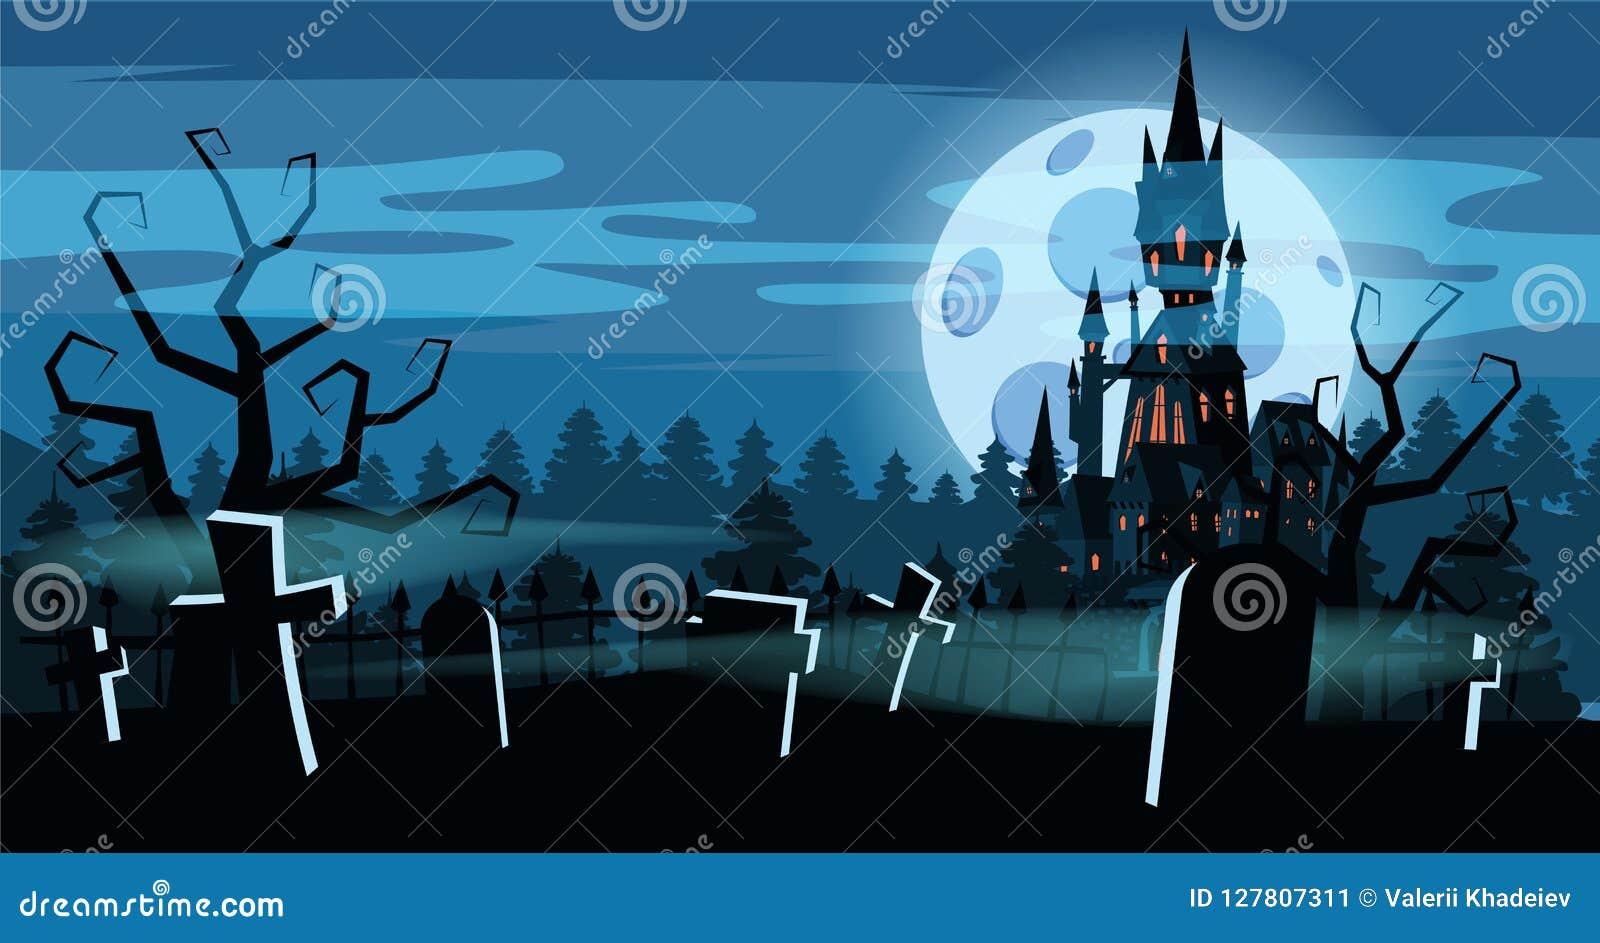 Kyrkogård för mallallhelgonaaftonferie, svart övergiven slott, dyster höstskog, panorama, måne, kors och